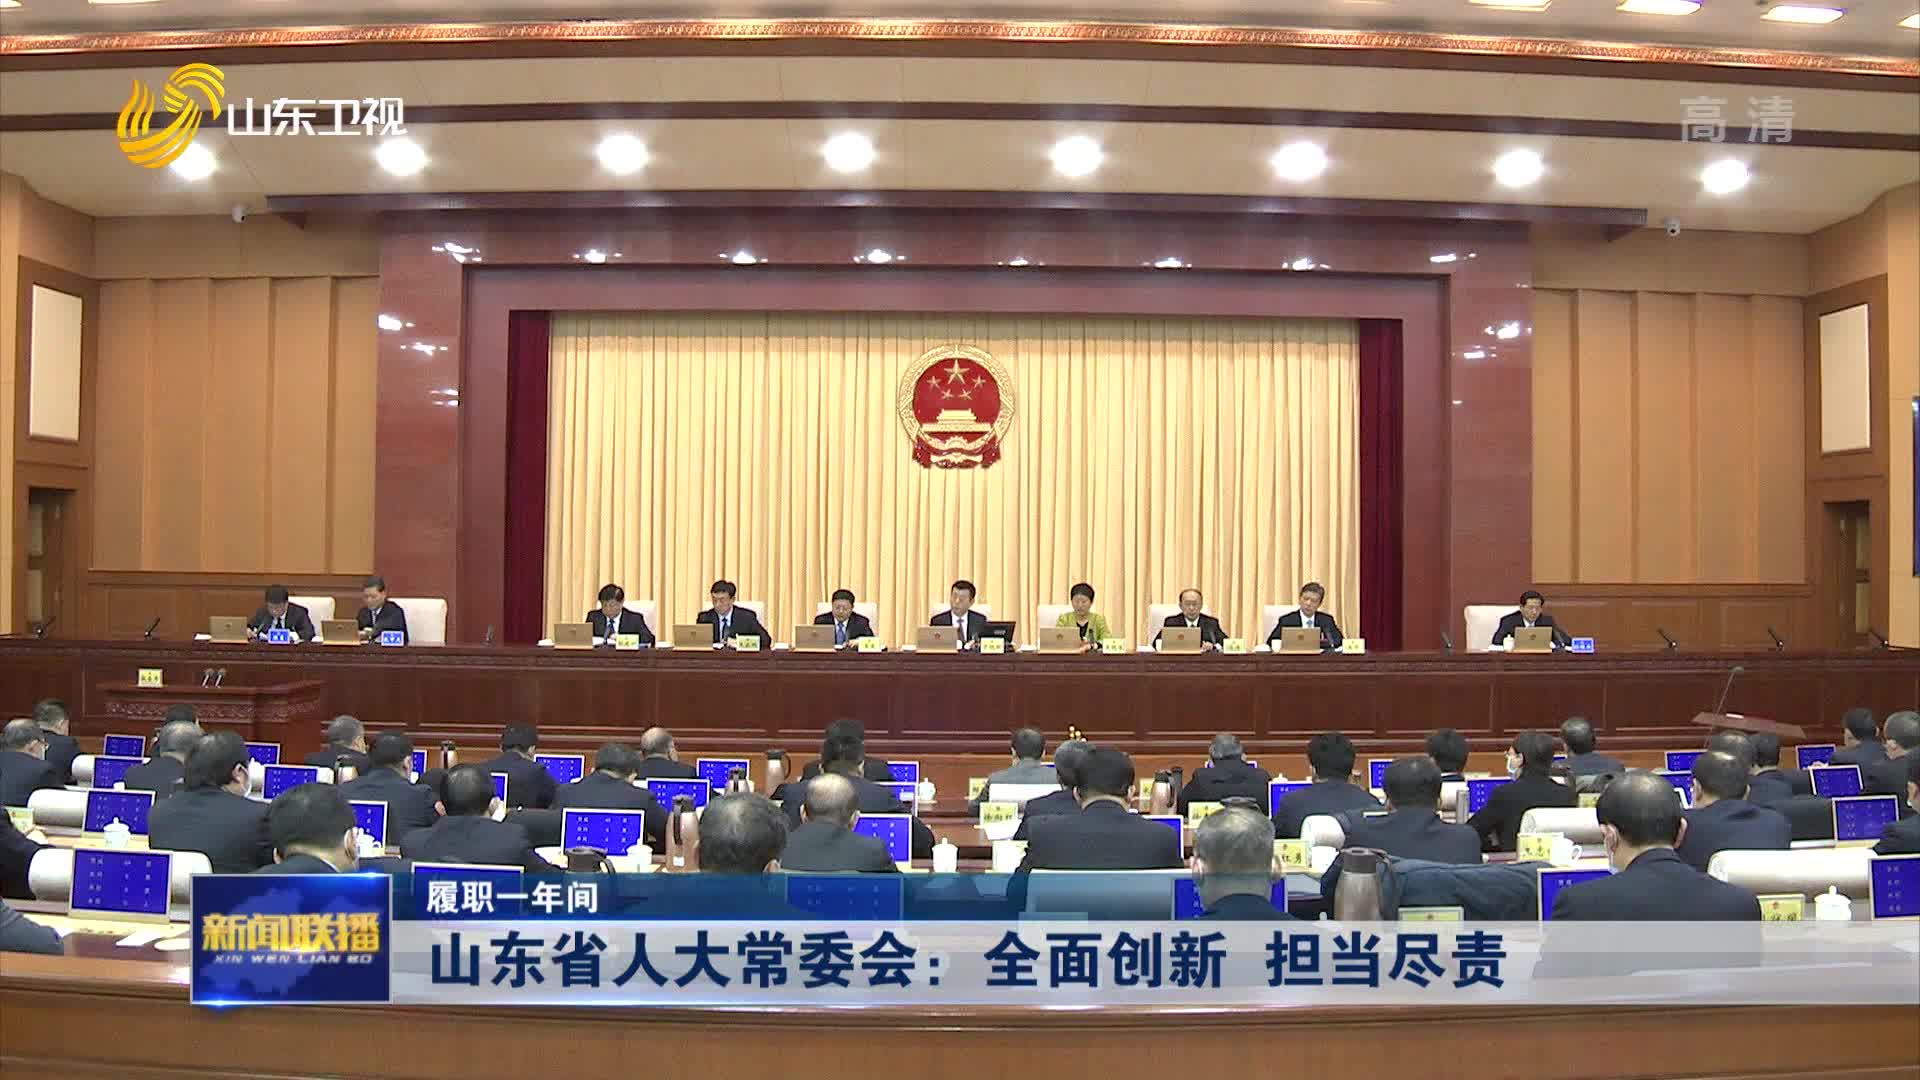 【履职一年间】山东省人大常委会:全面创新 担当尽责